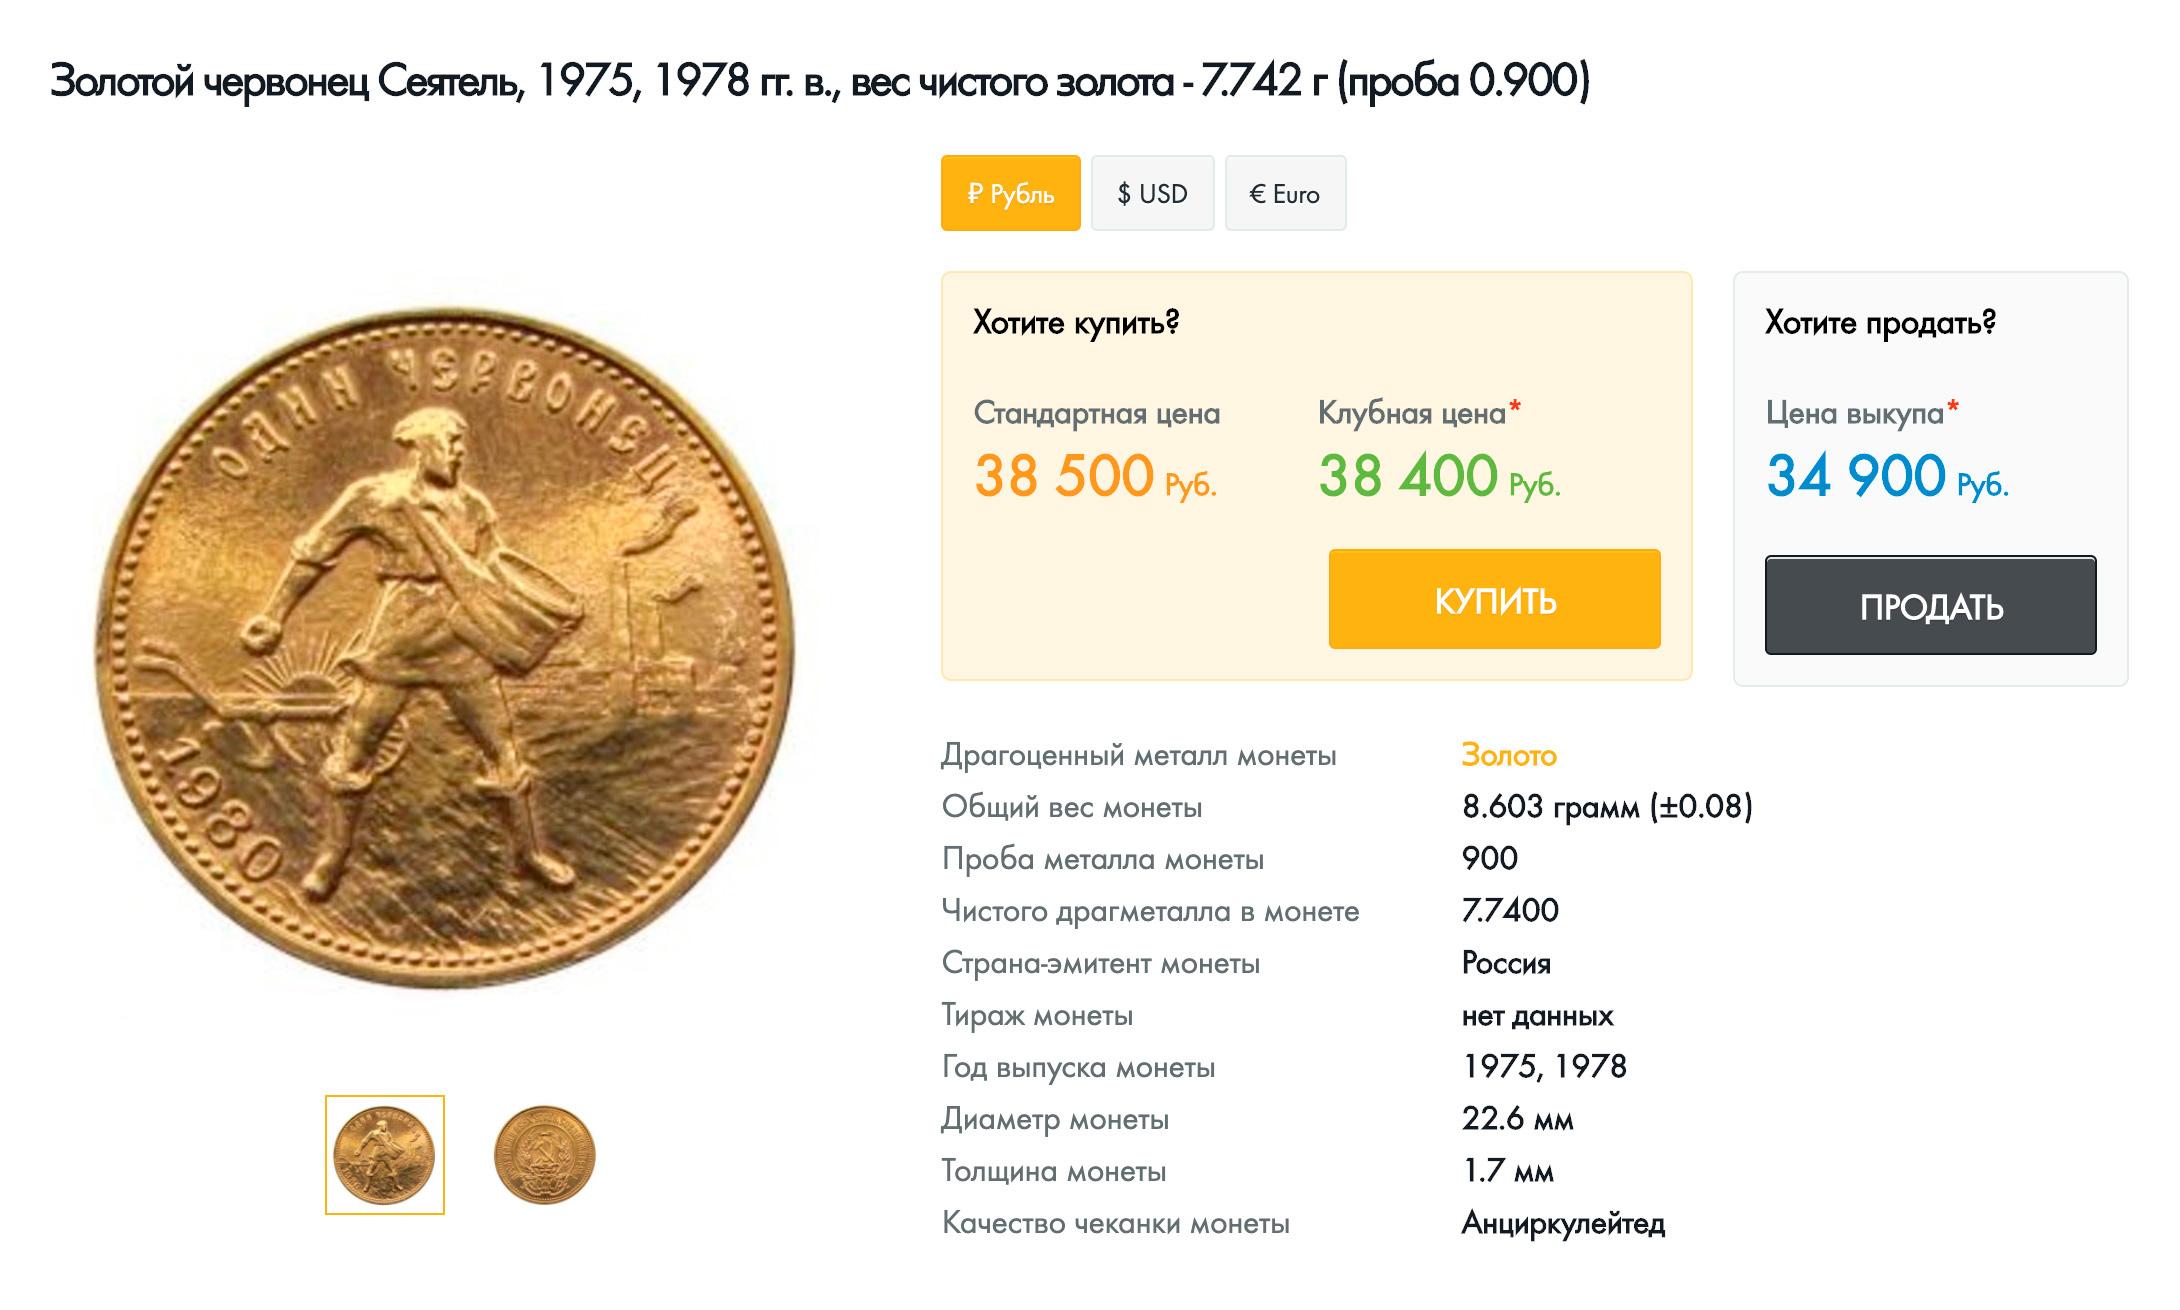 Сейчас «Сеятеля» можно купить в различных магазинах, стоит он 38—40 тысяч рублей